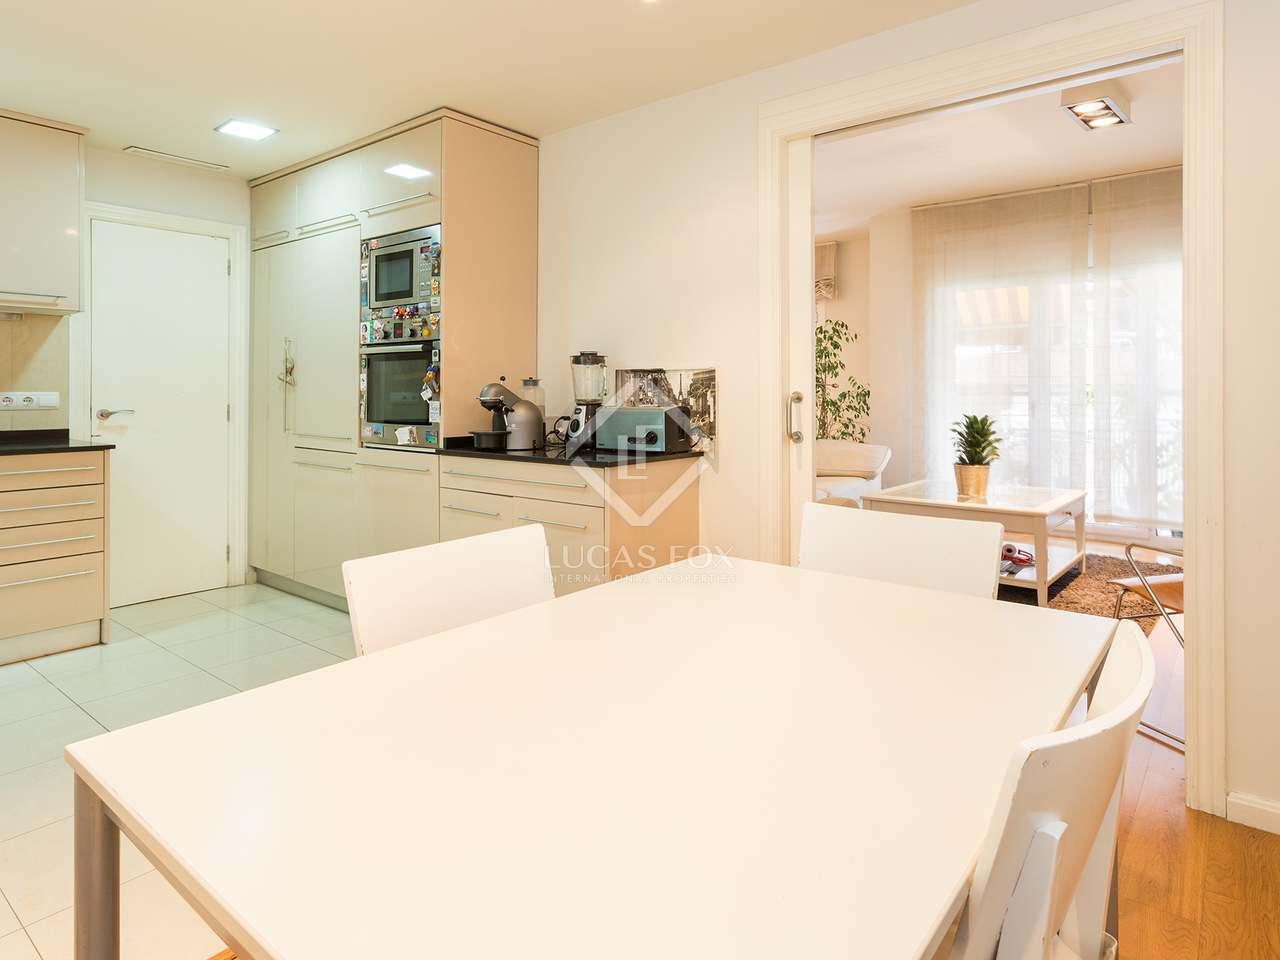 93m wohnung zum verkauf in sant gervasi galvany. Black Bedroom Furniture Sets. Home Design Ideas